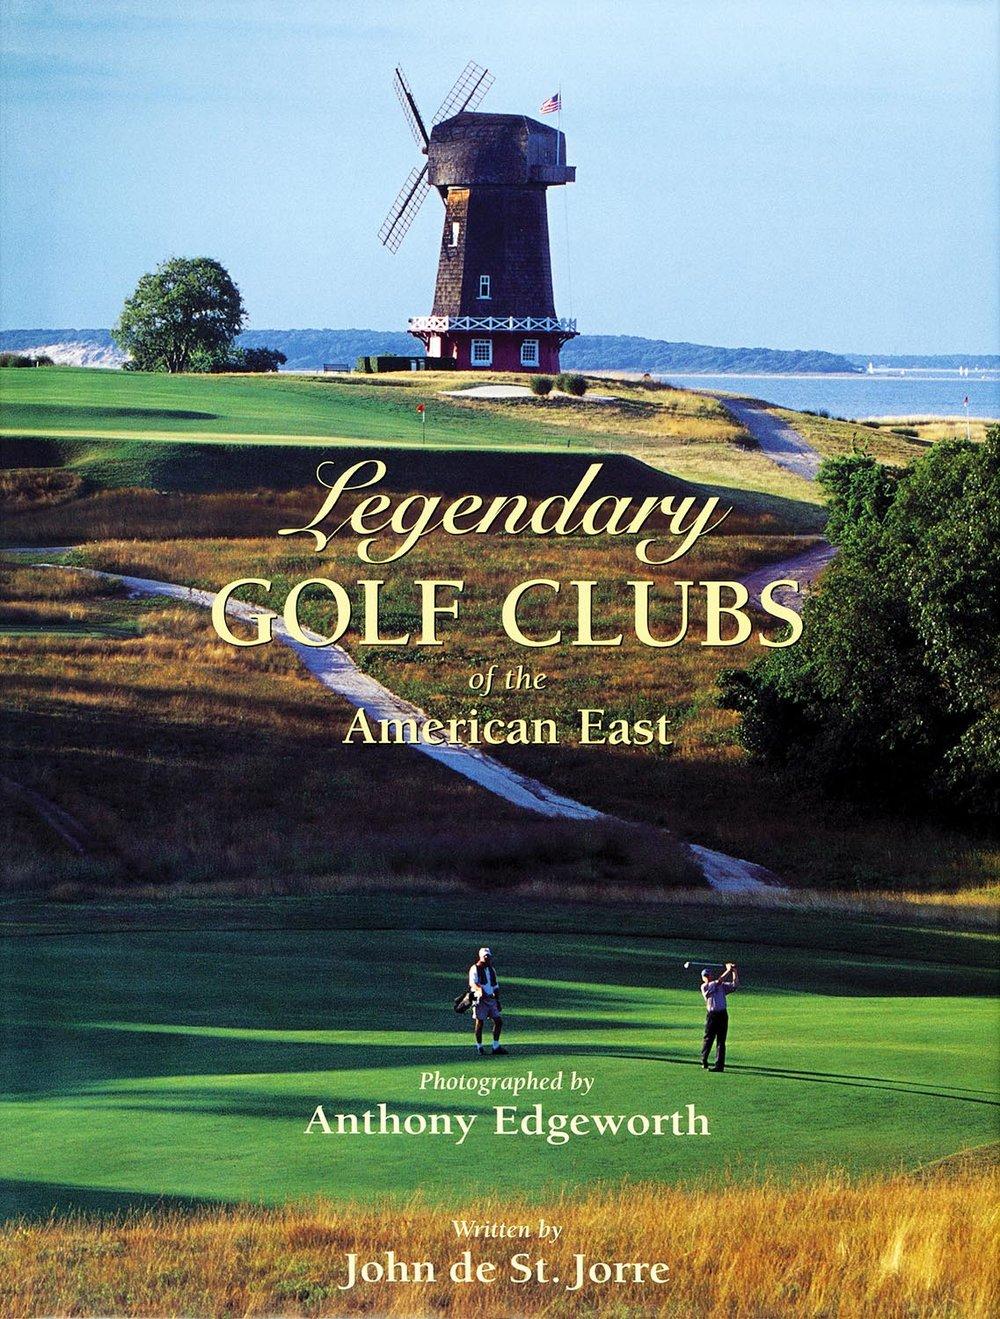 ee-book-covers-american-east.jpg